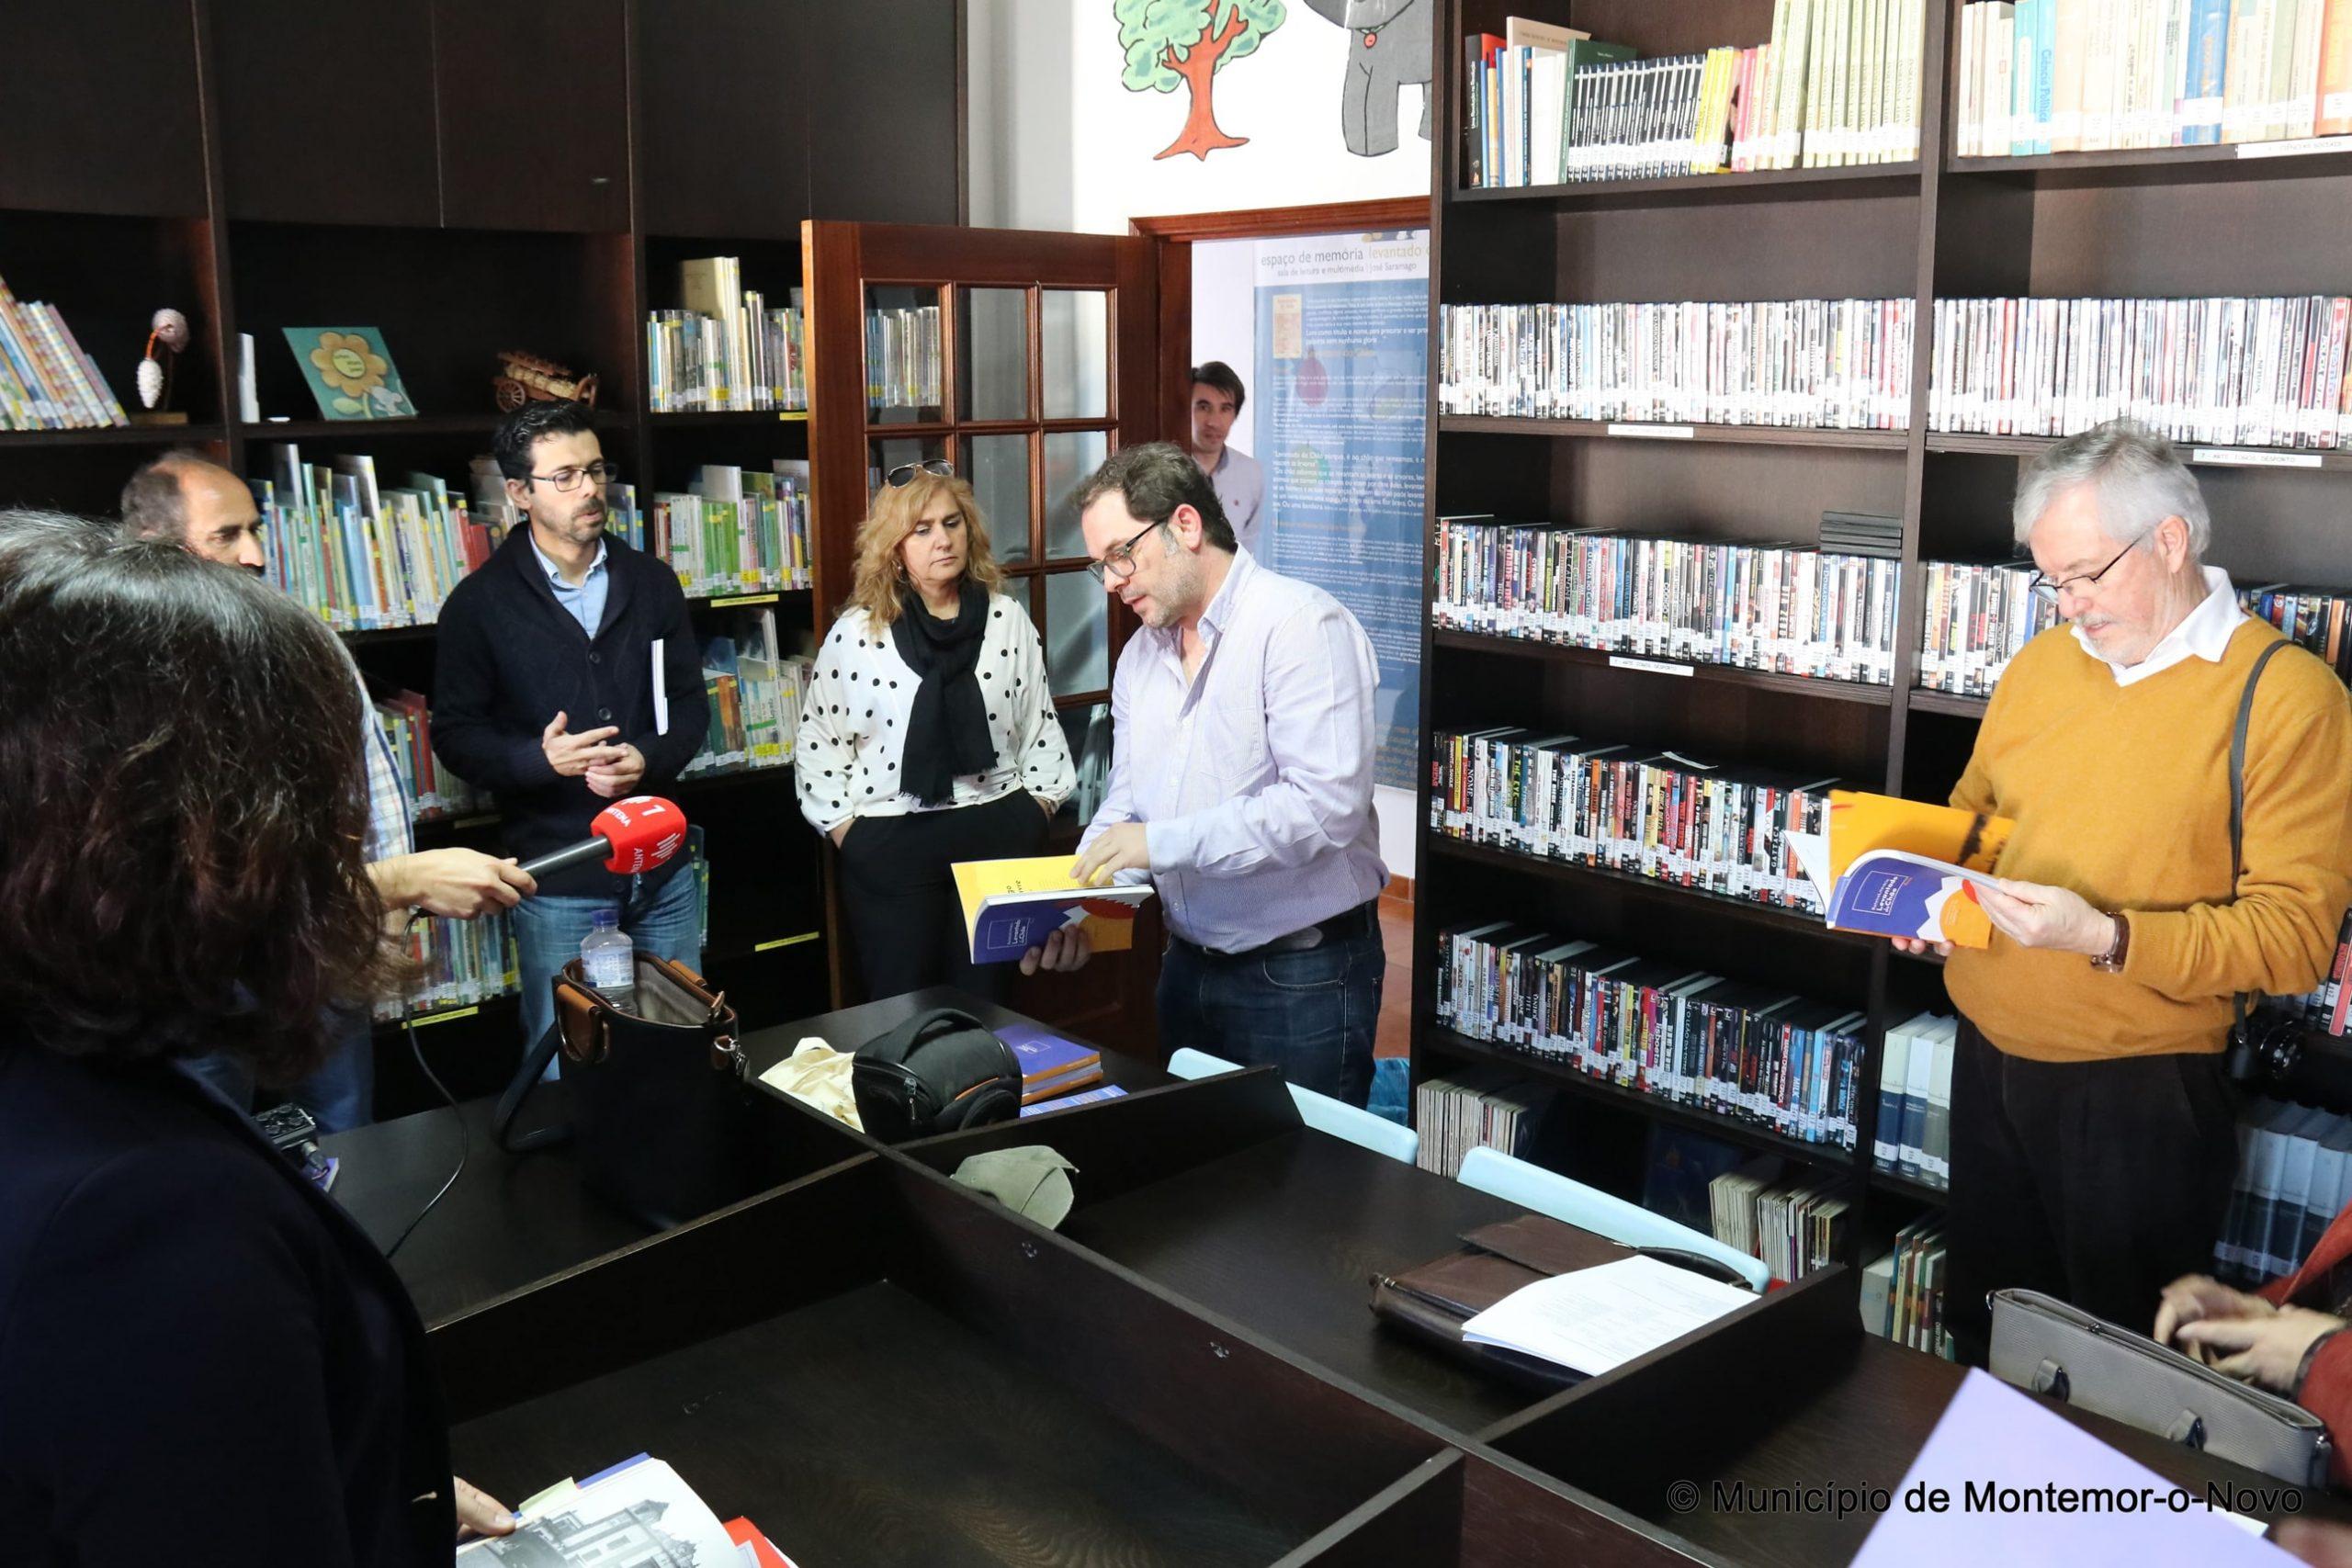 Apresentação do Roteiro à Imprensa - Lavre, 21.02.20